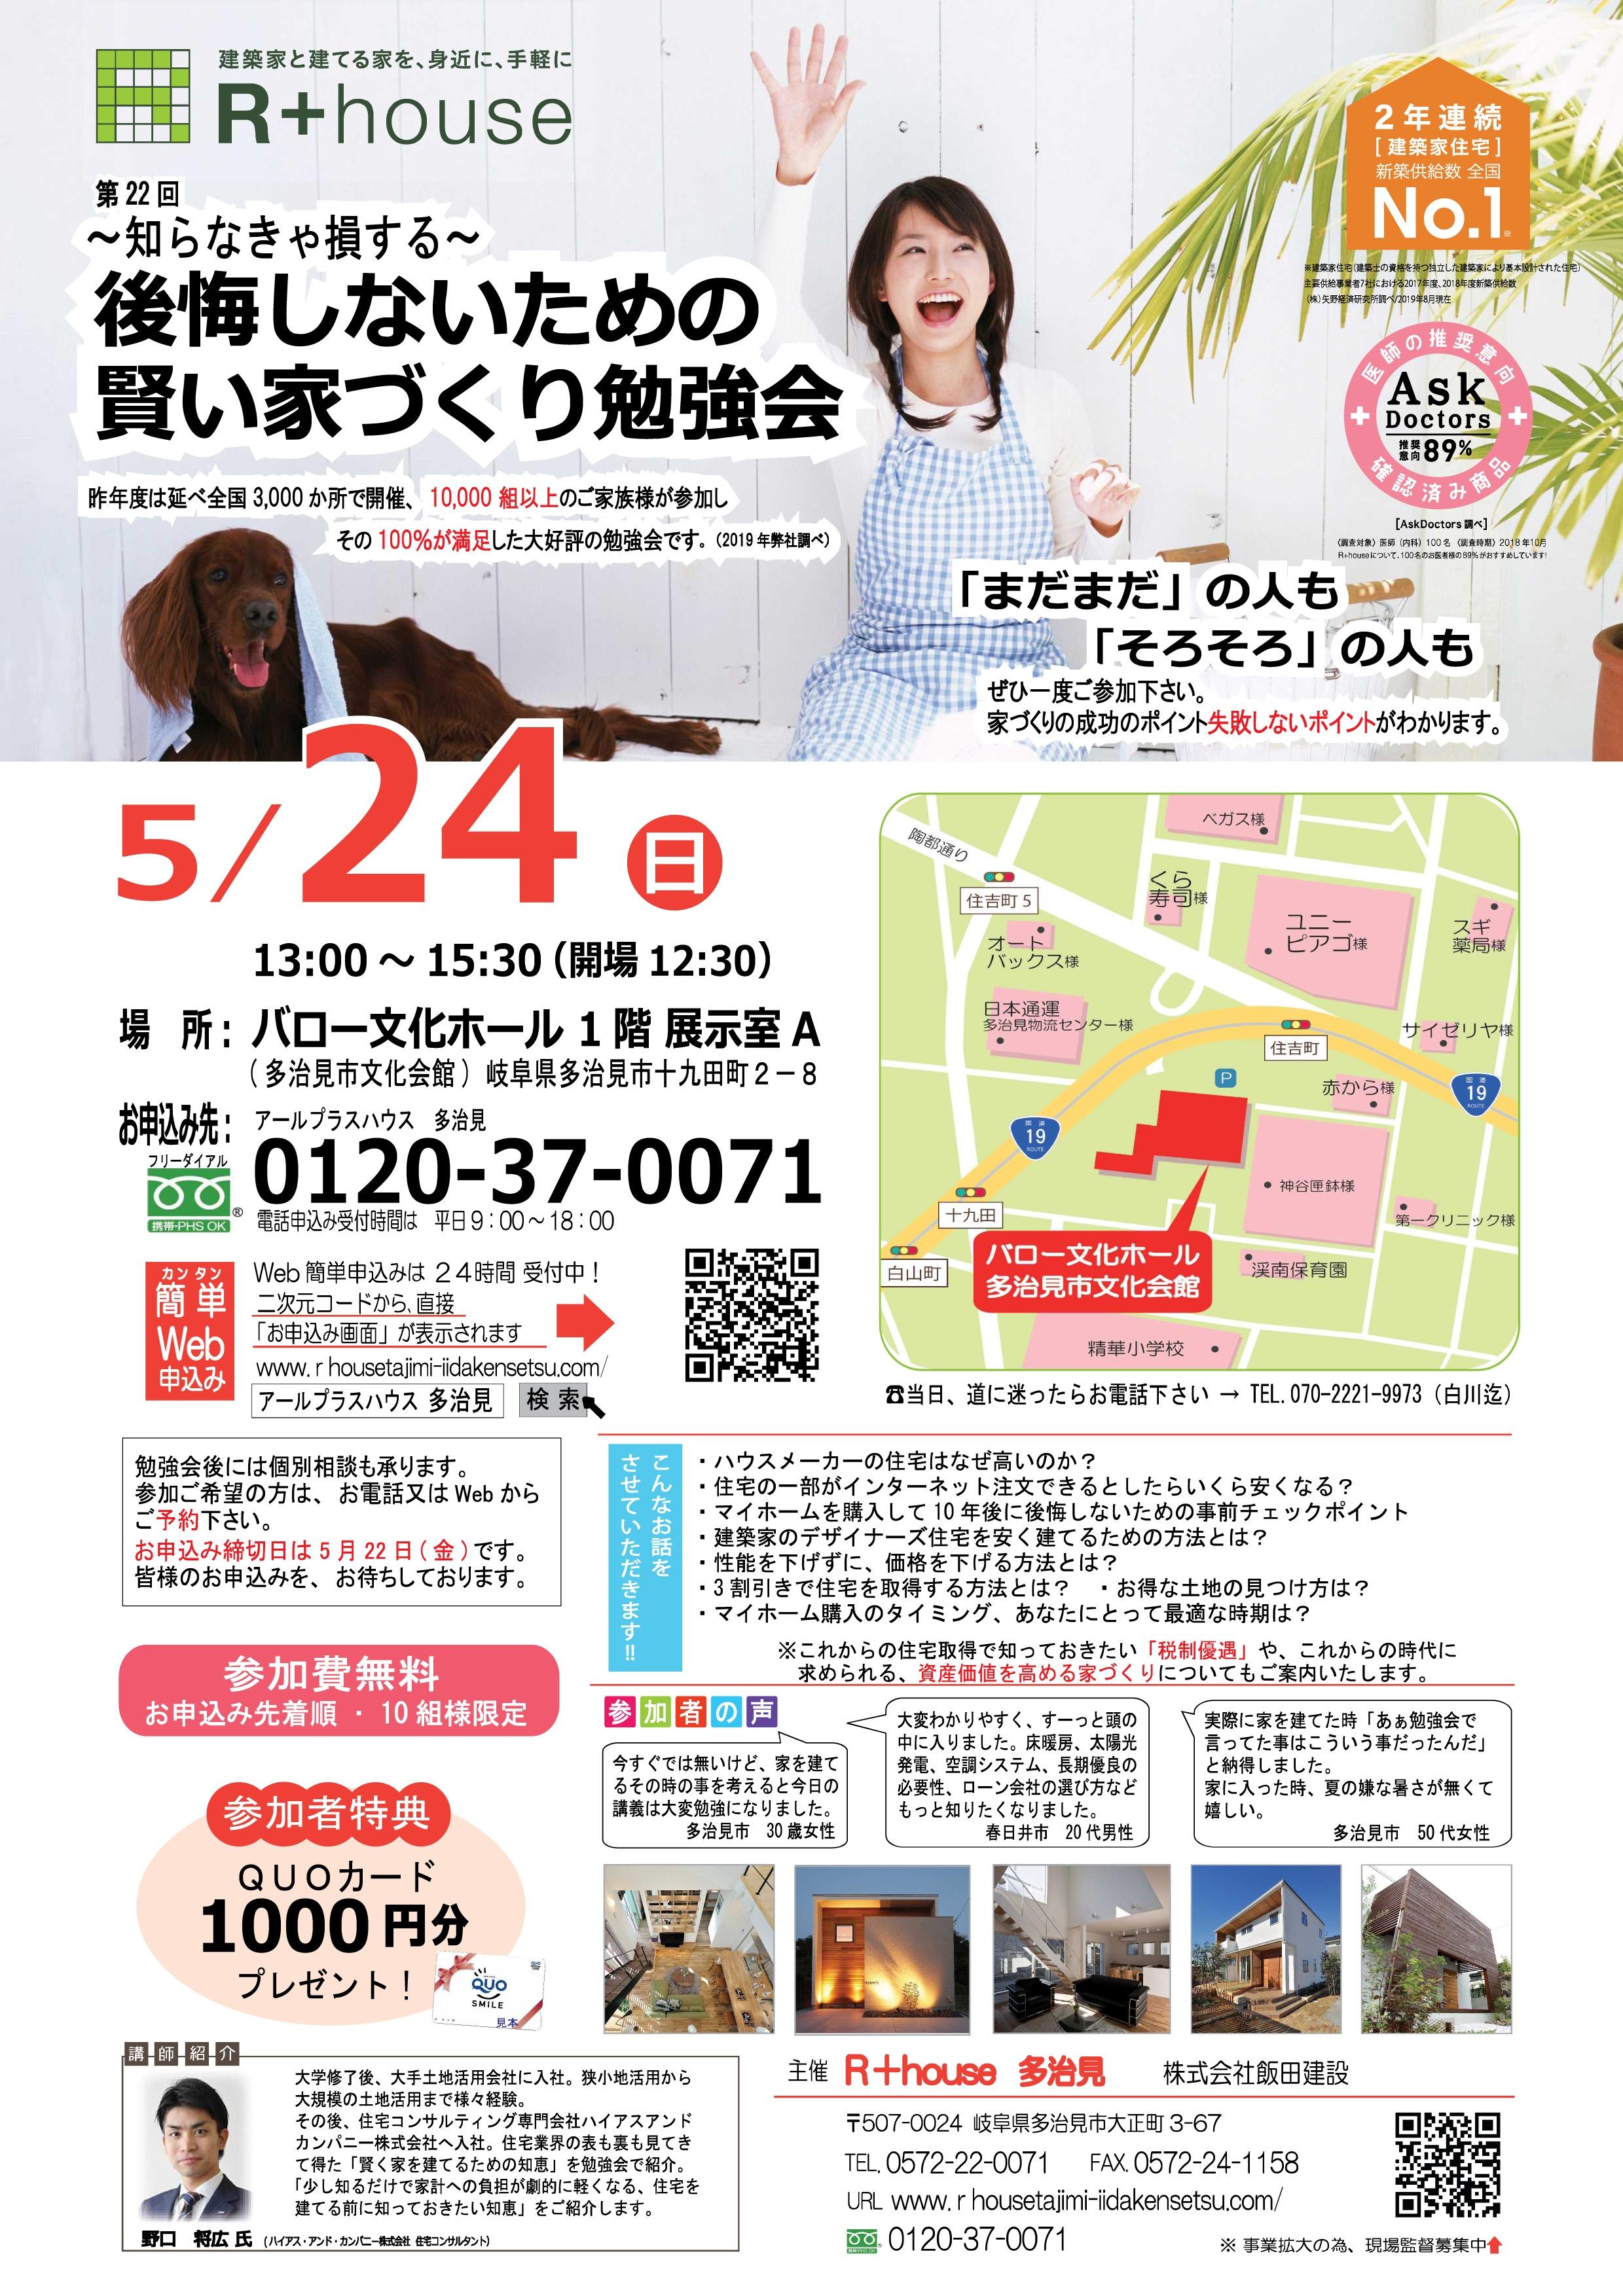 20200524賢い家づくり勉強会R+多治見A4 アウトライン.jpg